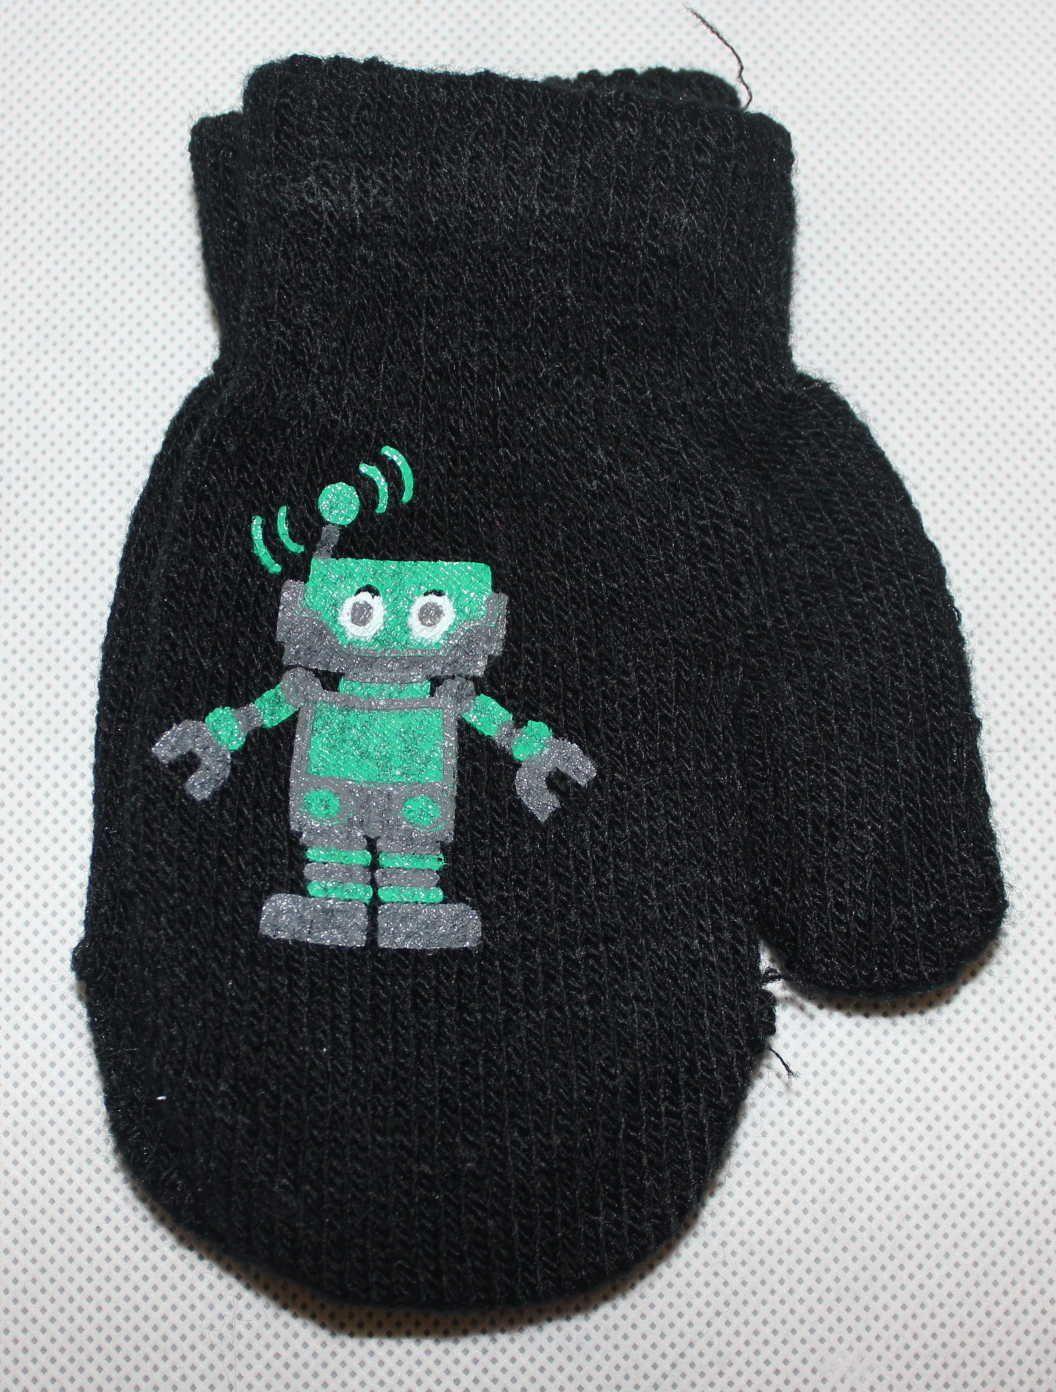 Dětské rukavice dětské palčáky slabé rukavice, chlapecké palčáky s robotem, pletené rukavice palčáky